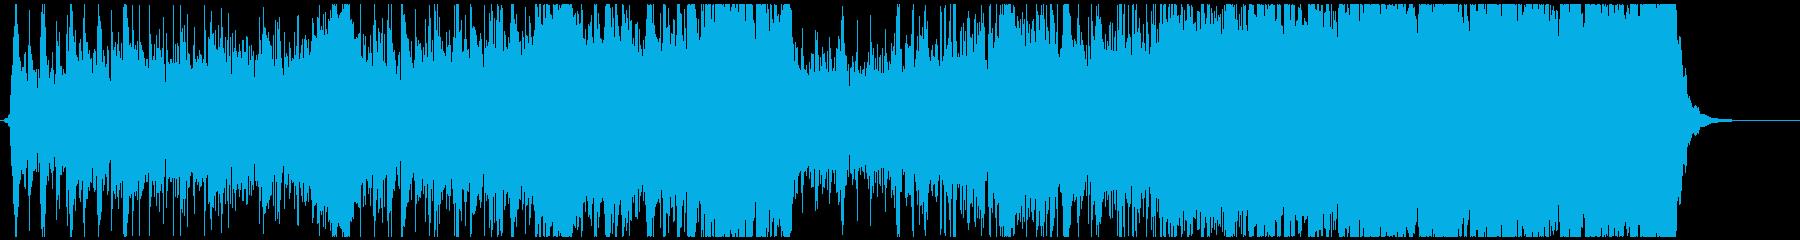 現代的 交響曲 ドラマチック ファ...の再生済みの波形